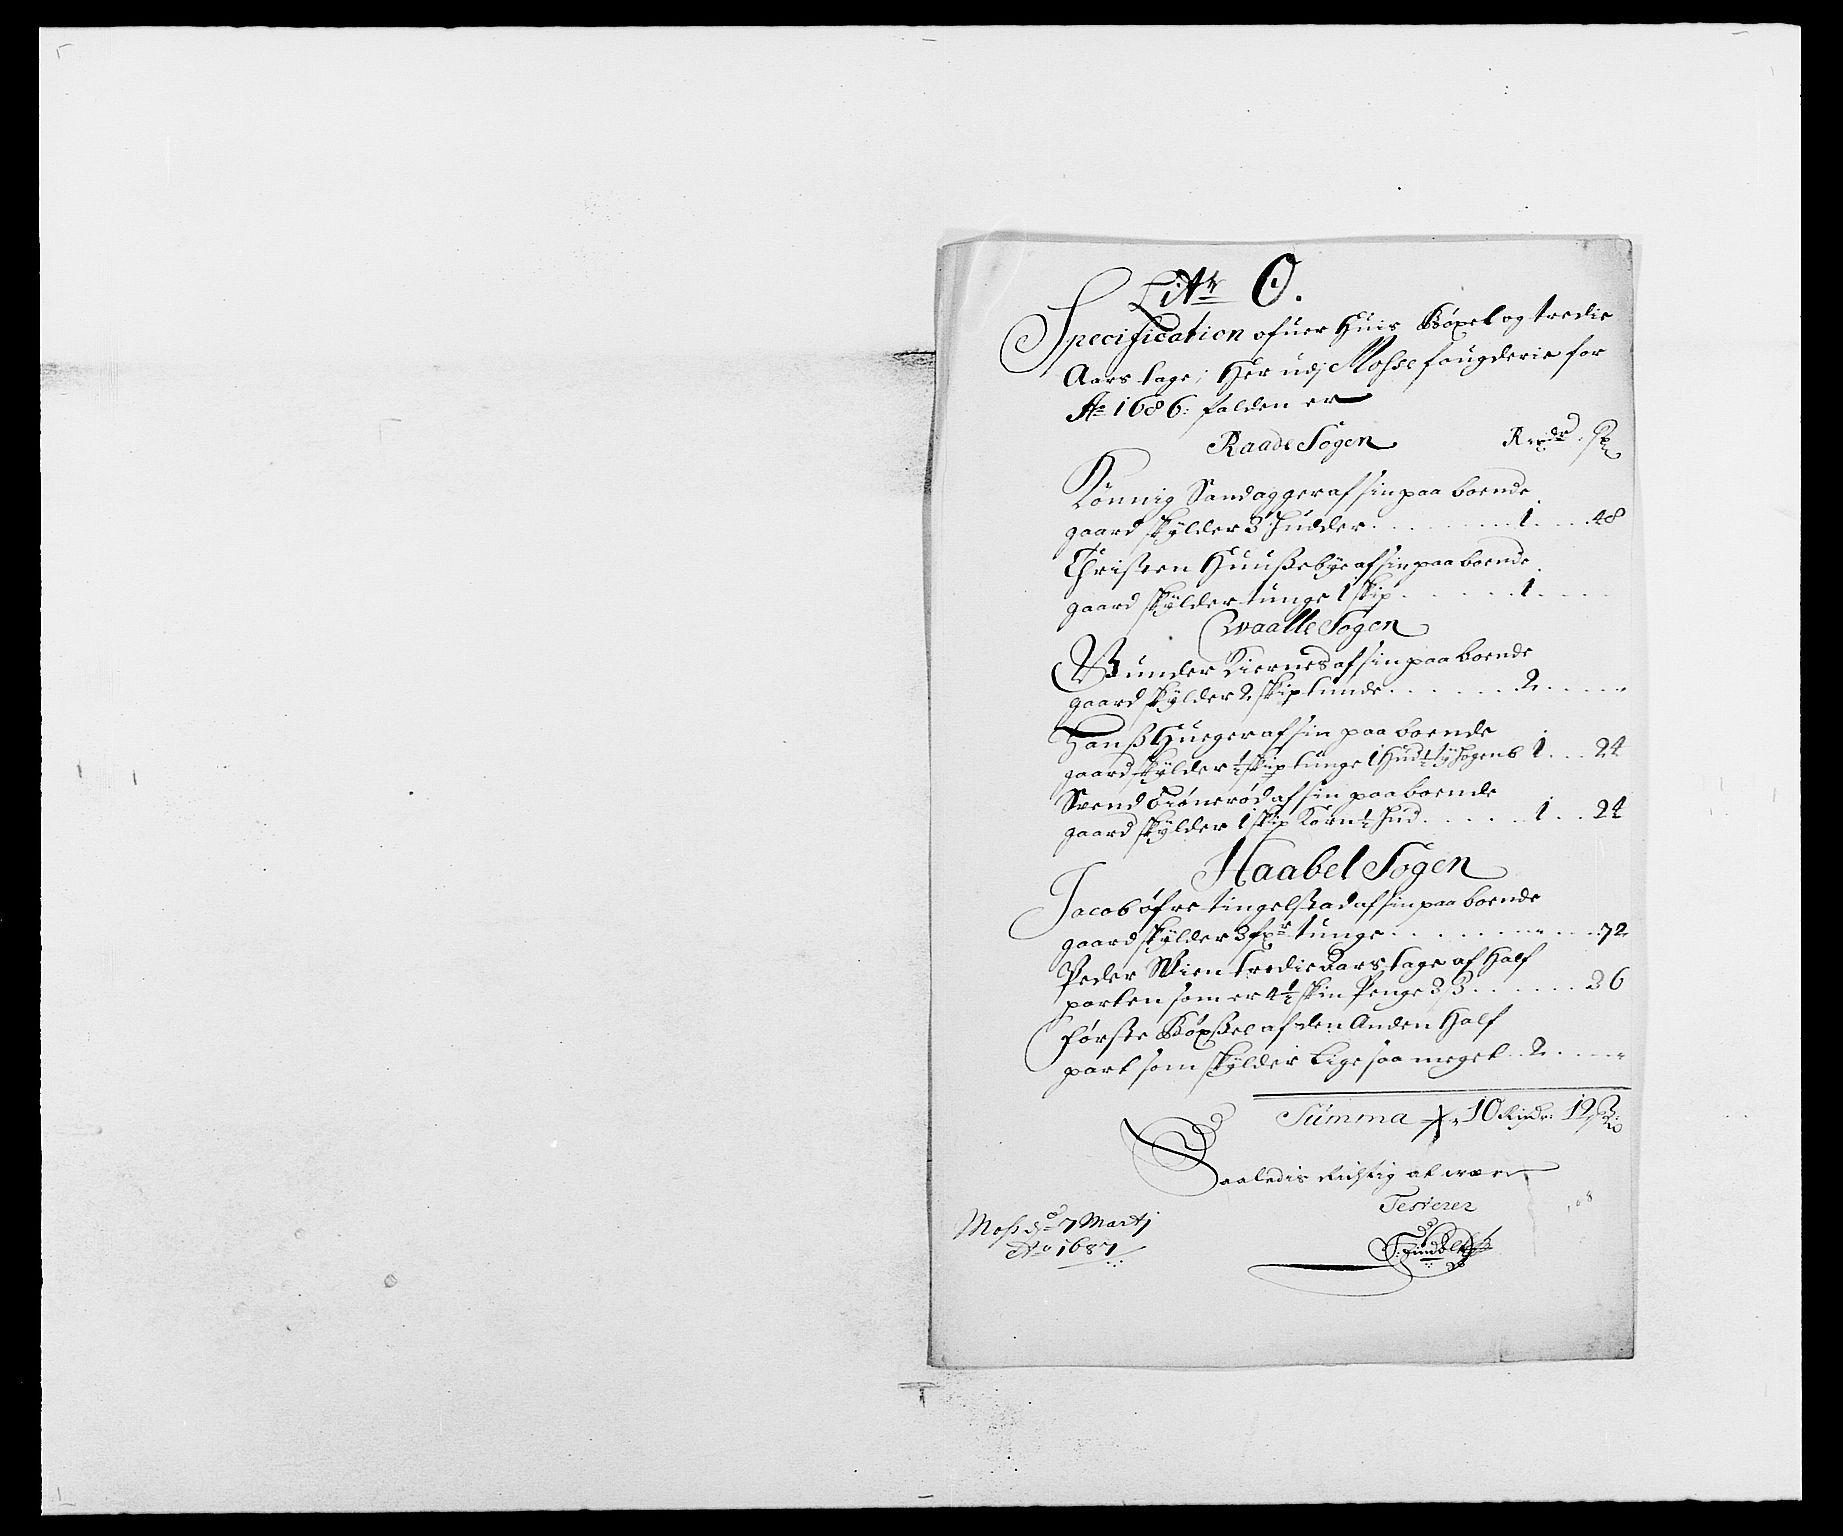 RA, Rentekammeret inntil 1814, Reviderte regnskaper, Fogderegnskap, R02/L0105: Fogderegnskap Moss og Verne kloster, 1685-1687, s. 178